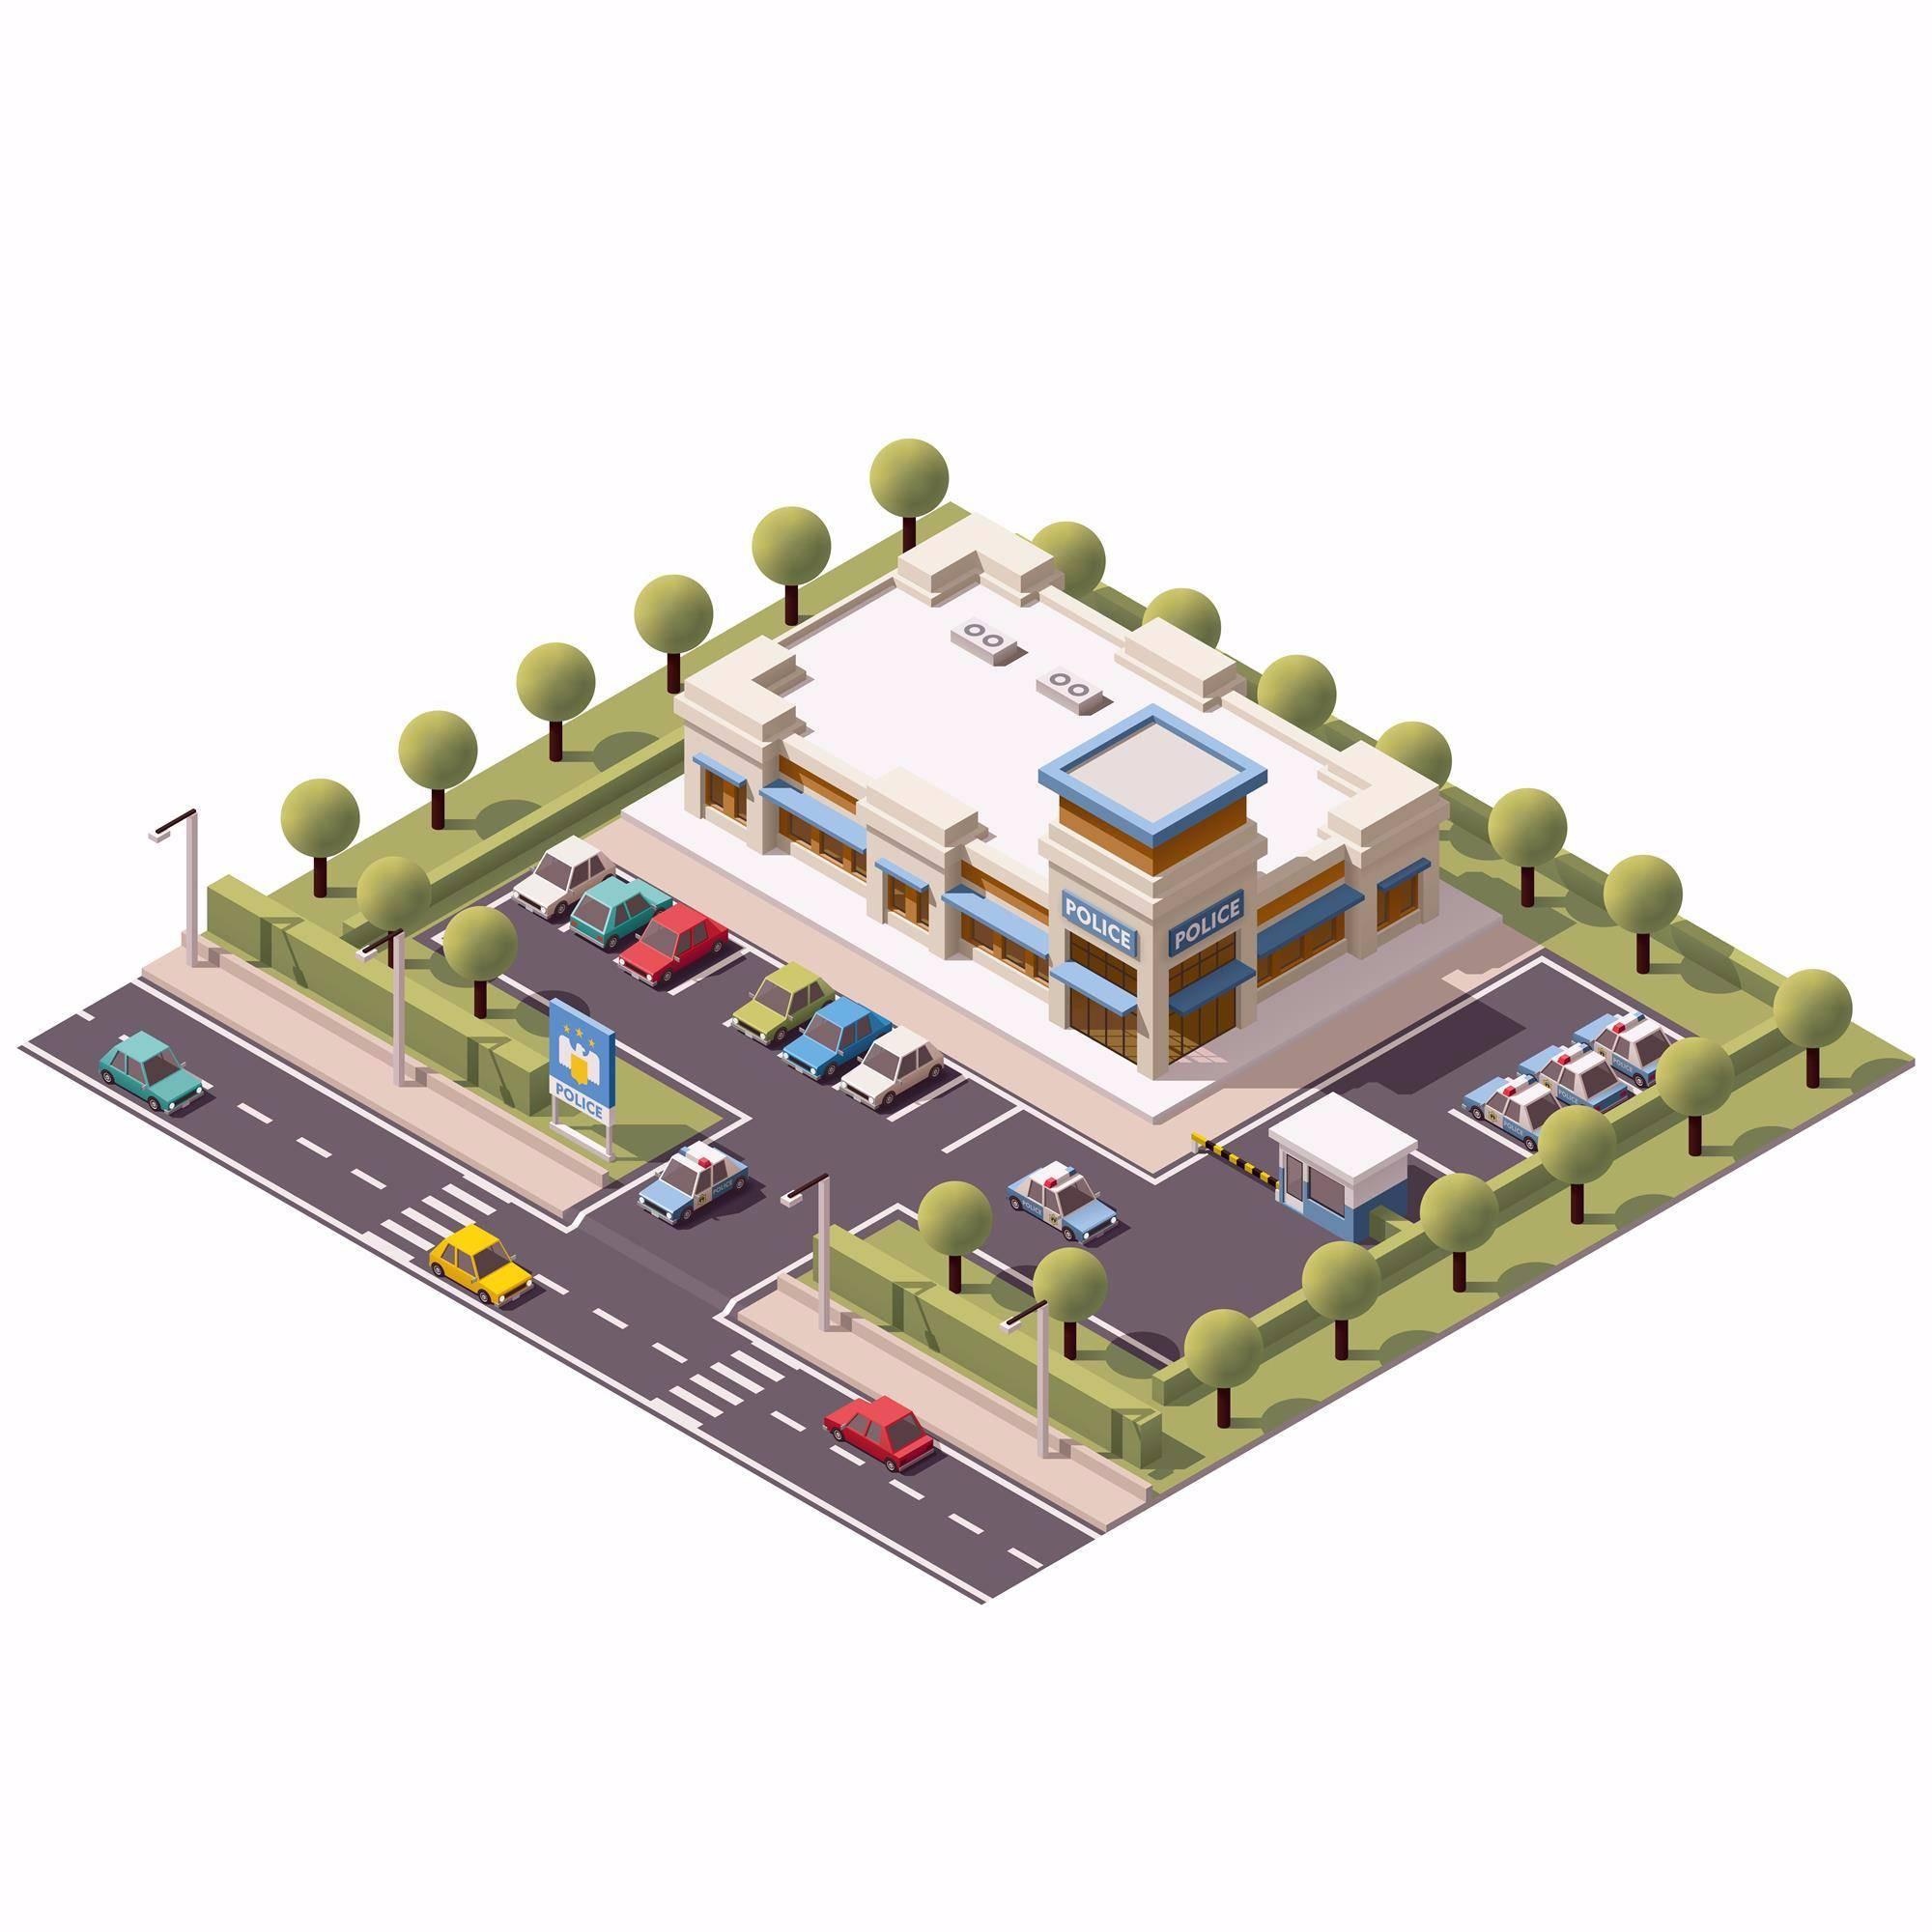 警察局3D扁平化创意设计